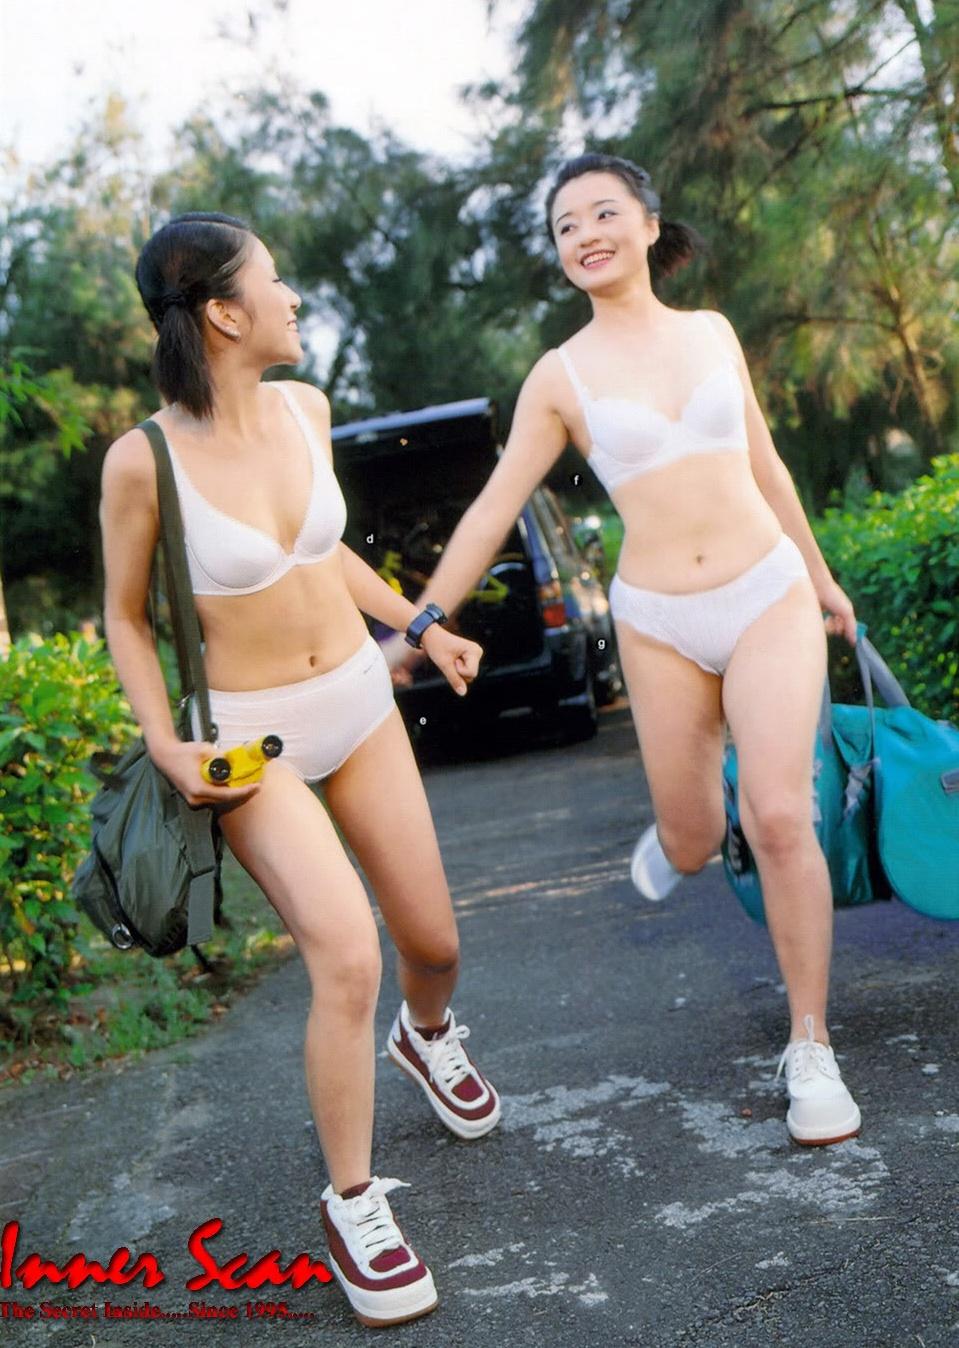 ブラとパンティ エロ'' 中国人 セクシー ランジェリー 下着 ブラジャー パンティー おさげ 高校生 高画質エロかわいい画像144